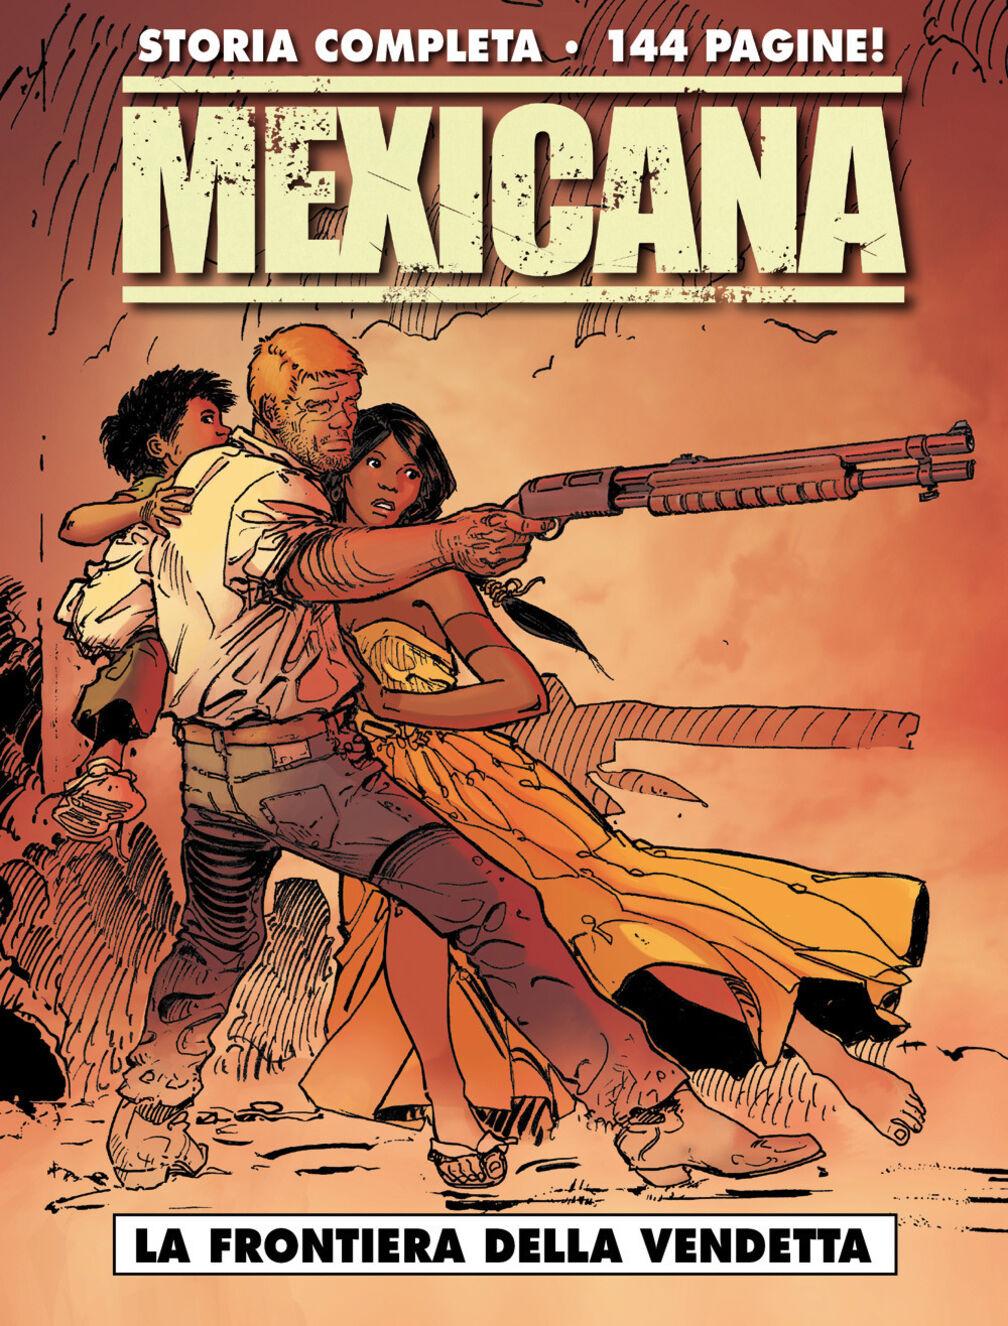 La frontiera della vendetta. Mexicana